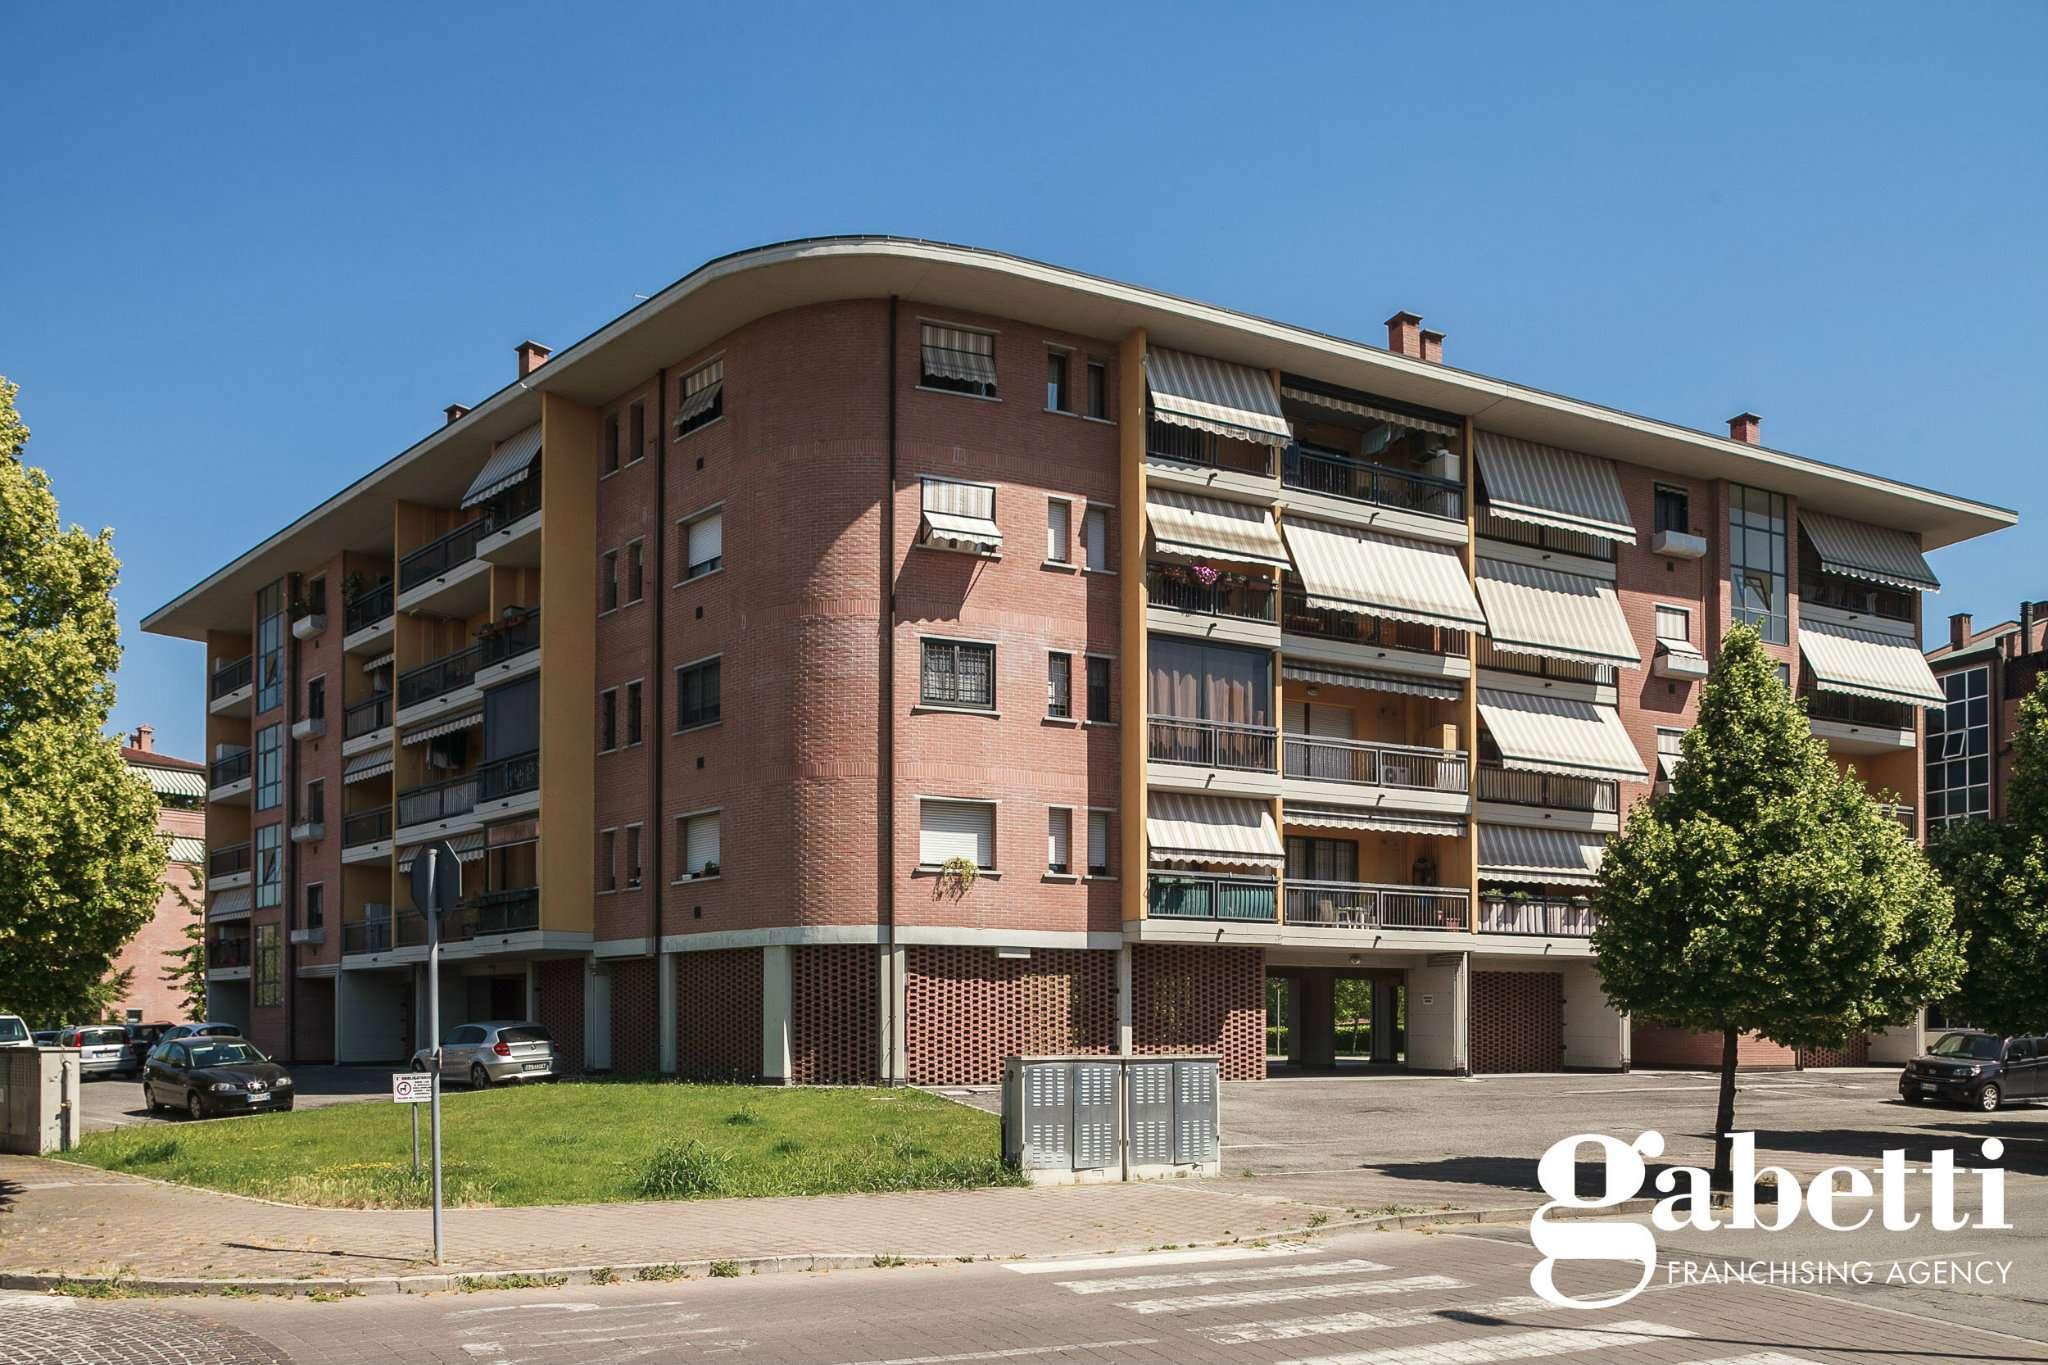 Appartamento in vendita a Argelato, 3 locali, prezzo € 239.000 | CambioCasa.it